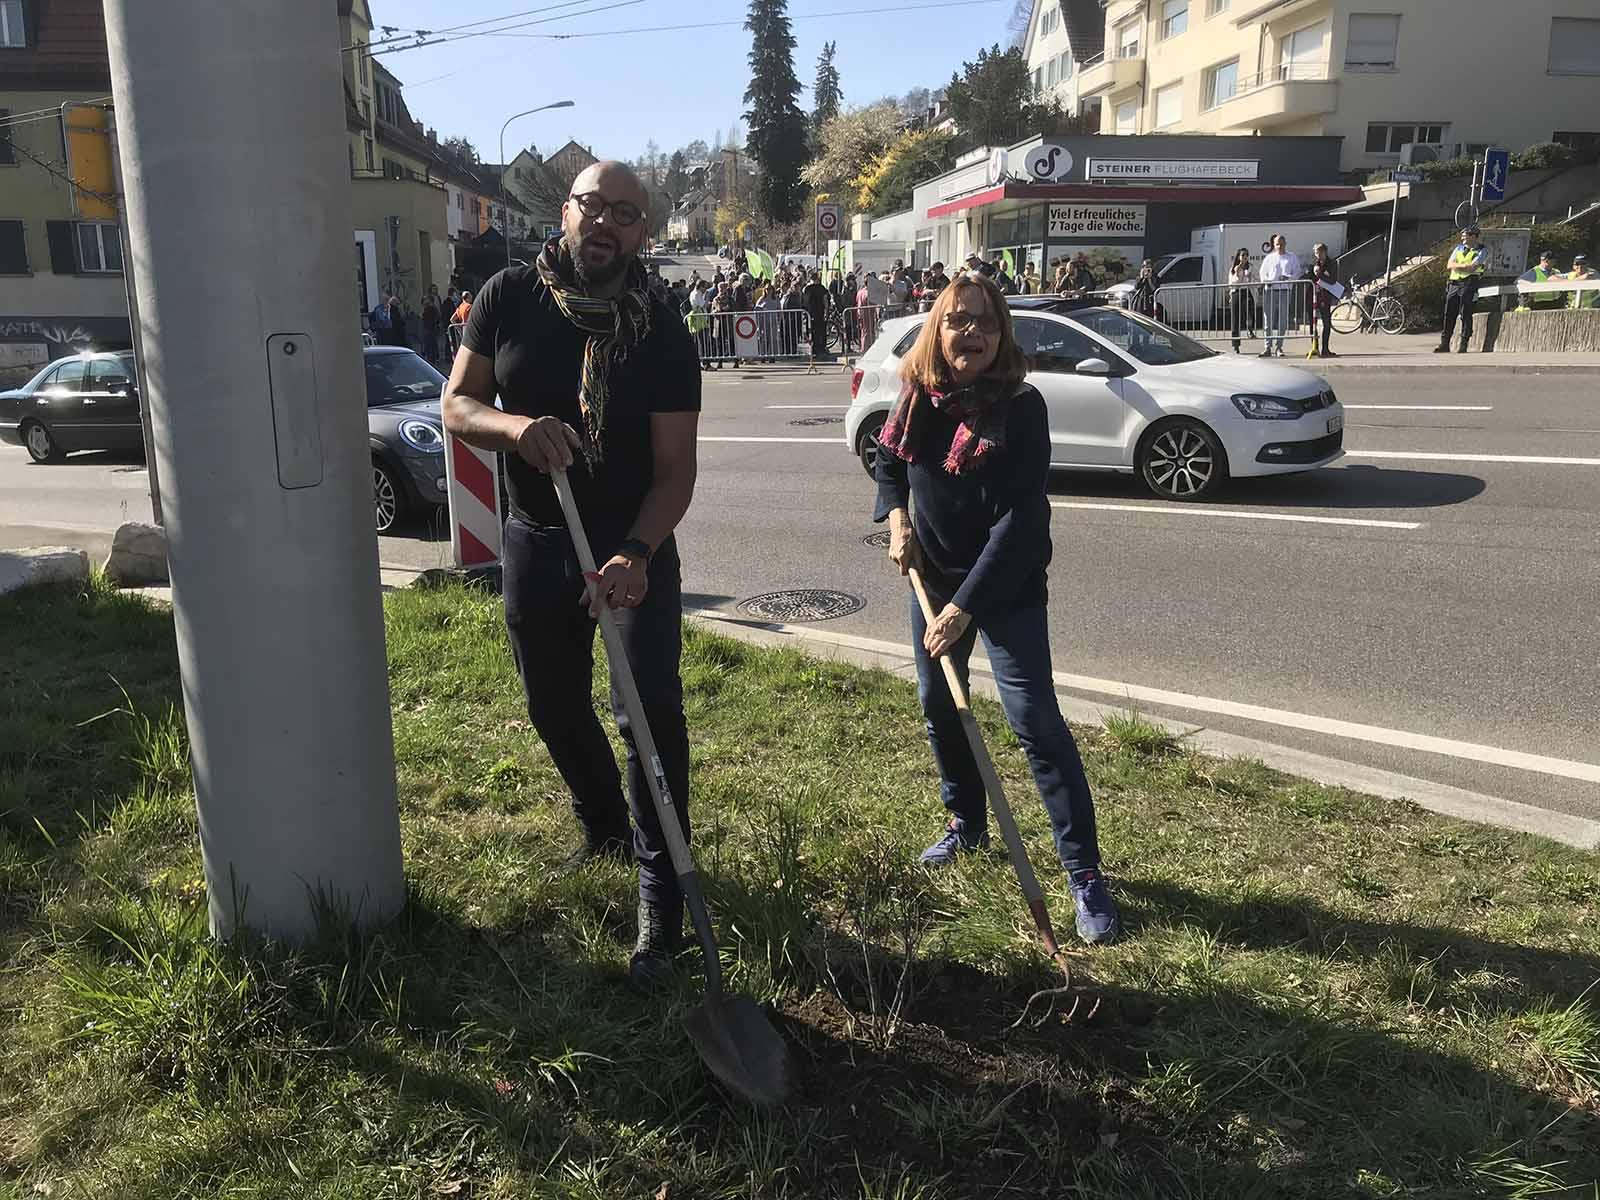 Eva Gut und Andrew Katumba pflanzten an der Rosengarten-Demo einen Rosenbusch. Ironischer Weise taten die damit vielleicht mehr für die Feinstaubreduktion als der Kanton mit seinem Milliardentunnel.